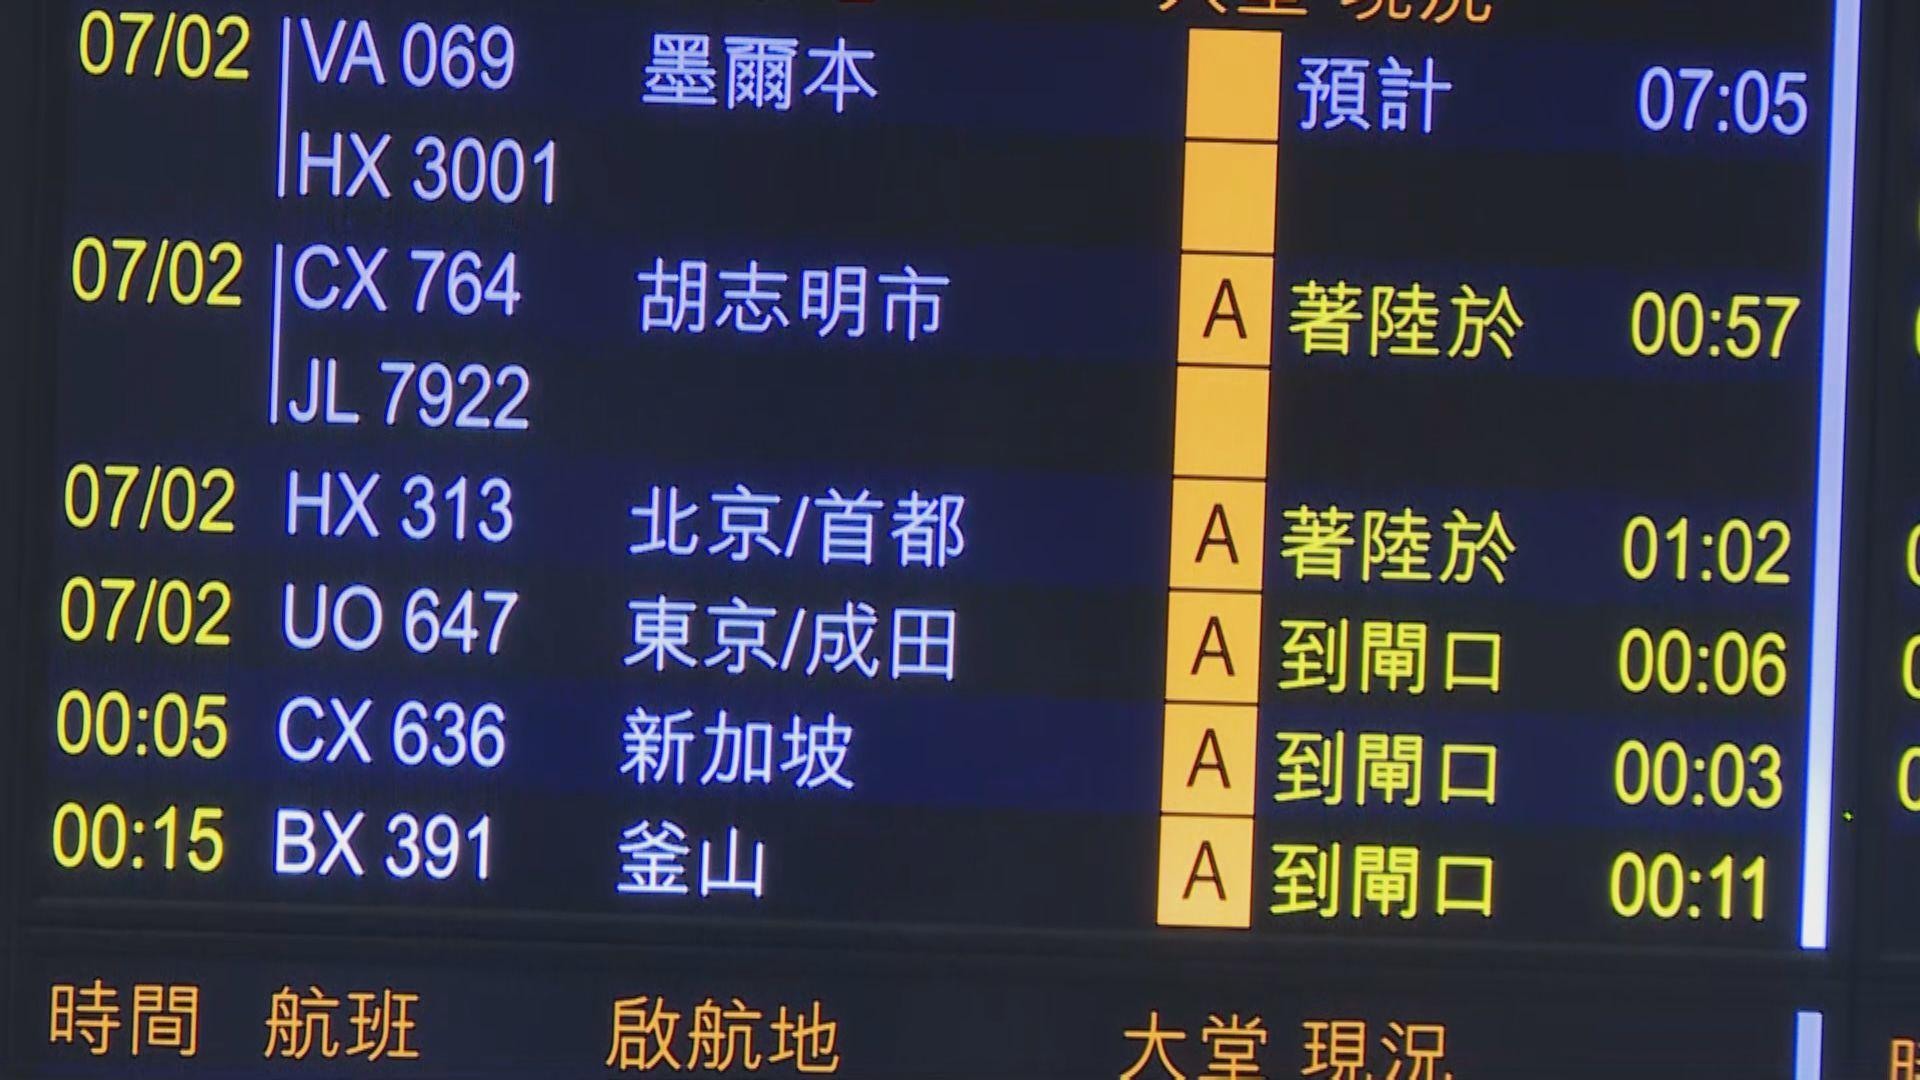 航班延誤至凌晨抵港 全機乘客須強制檢疫